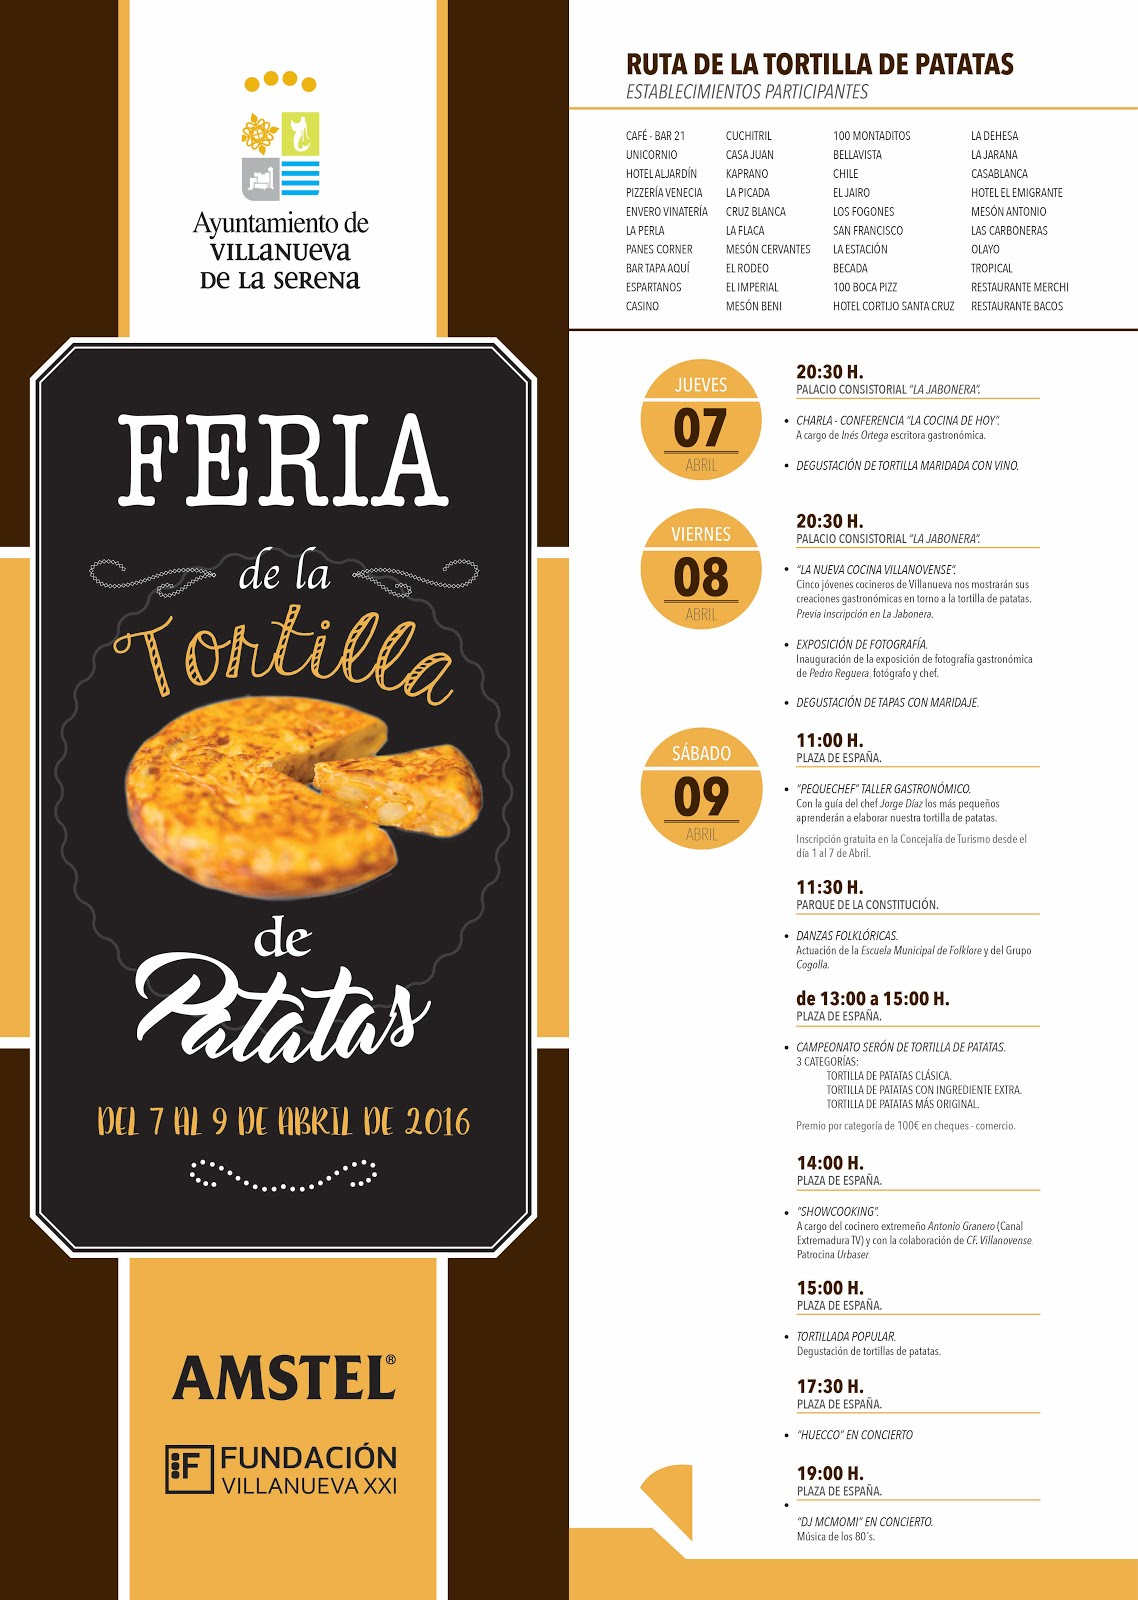 FERIA DE LA TORTILLA DE PATATA